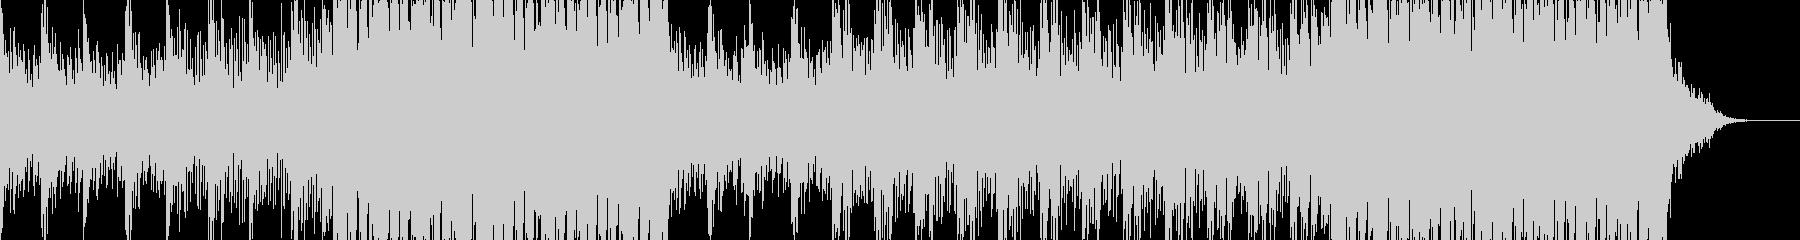 大人な雰囲気のCM、動画系ピアノBGMの未再生の波形